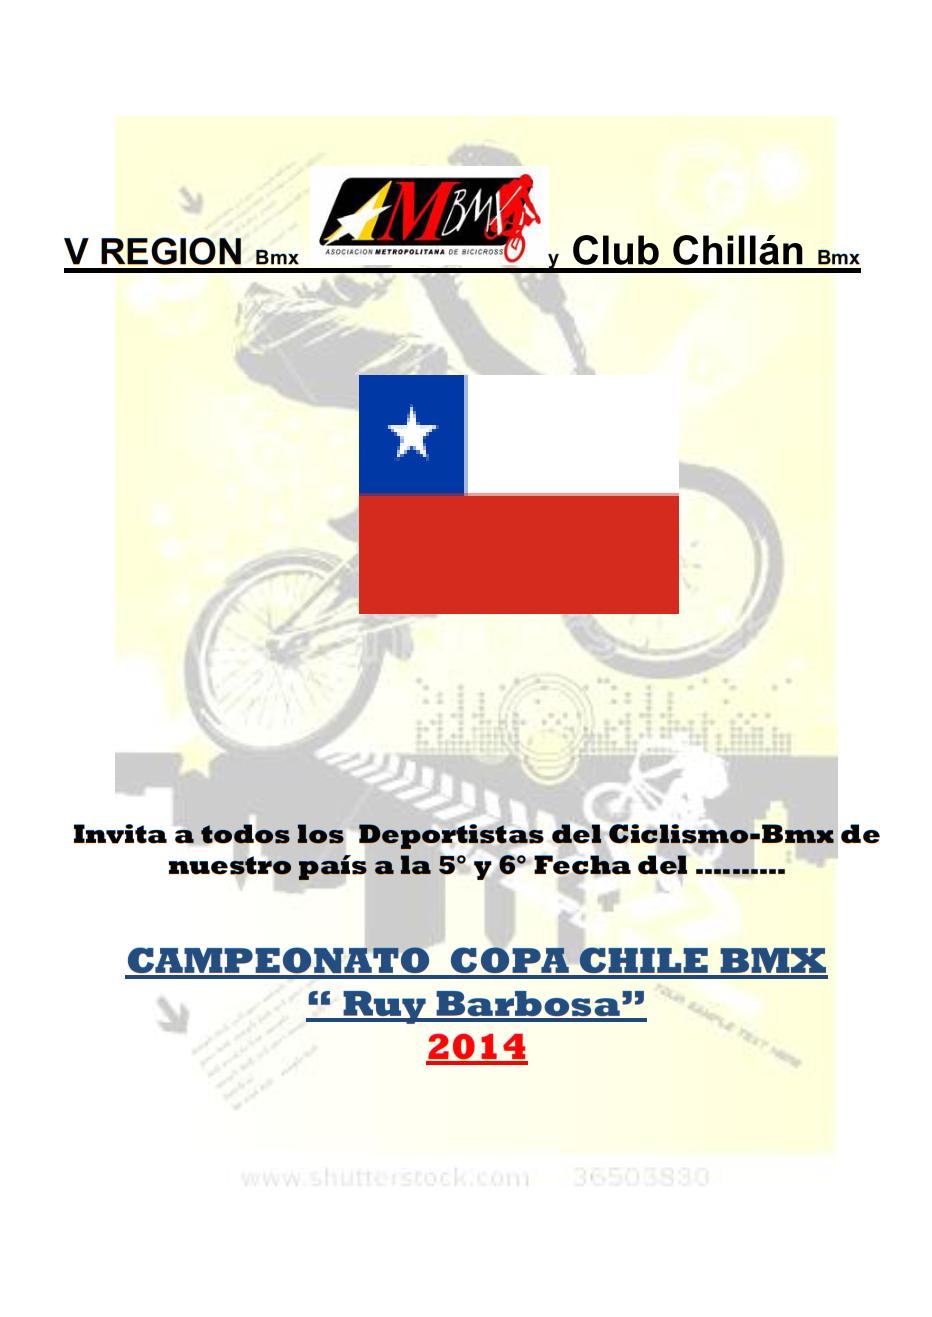 5° y 6° Fecha Copa Chile